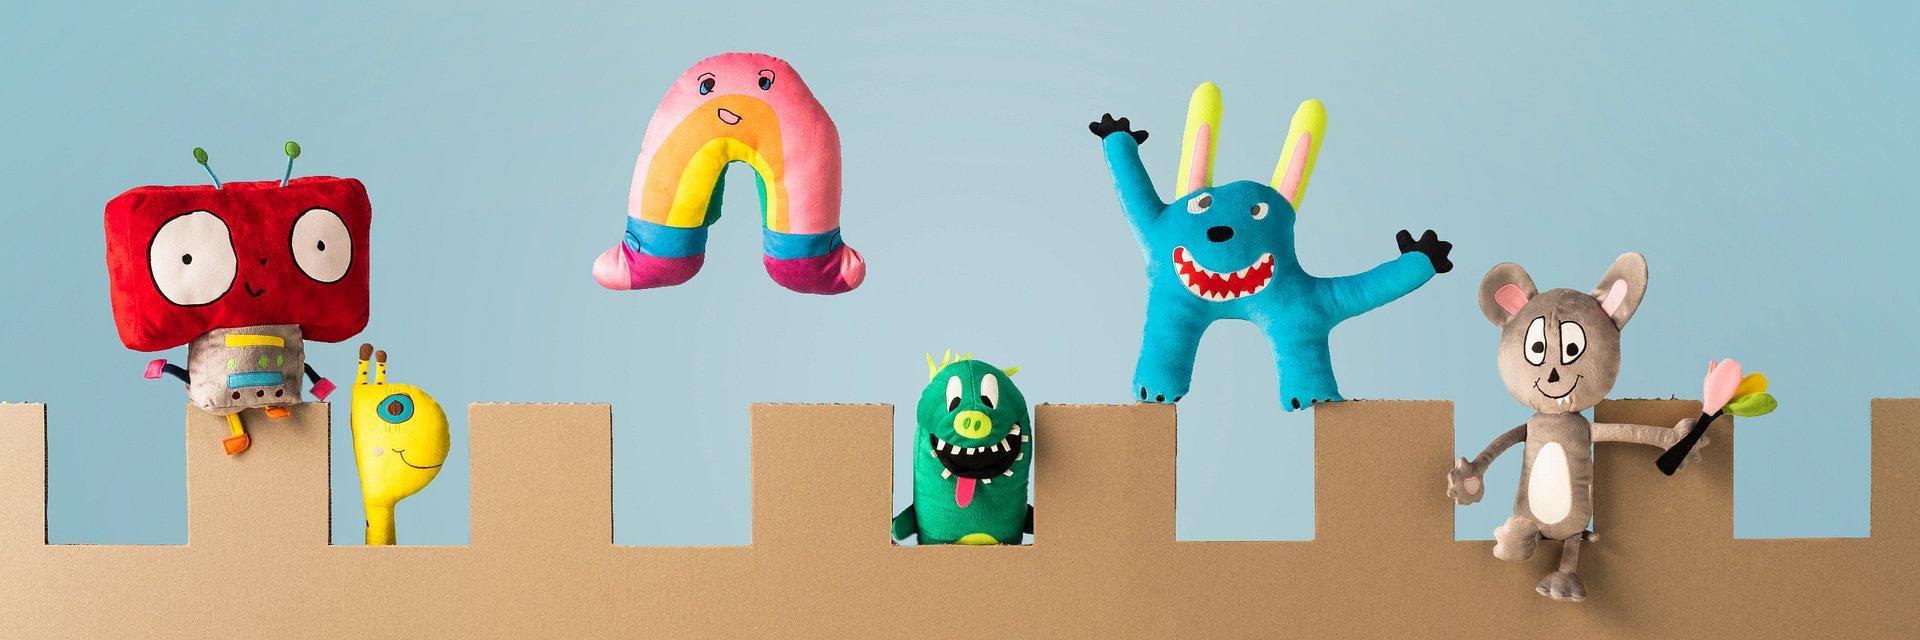 Kolekcja IKEA SAGOSKATT – zaprojektowana przez dzieci dla dzieci i dla lepszej przyszłości